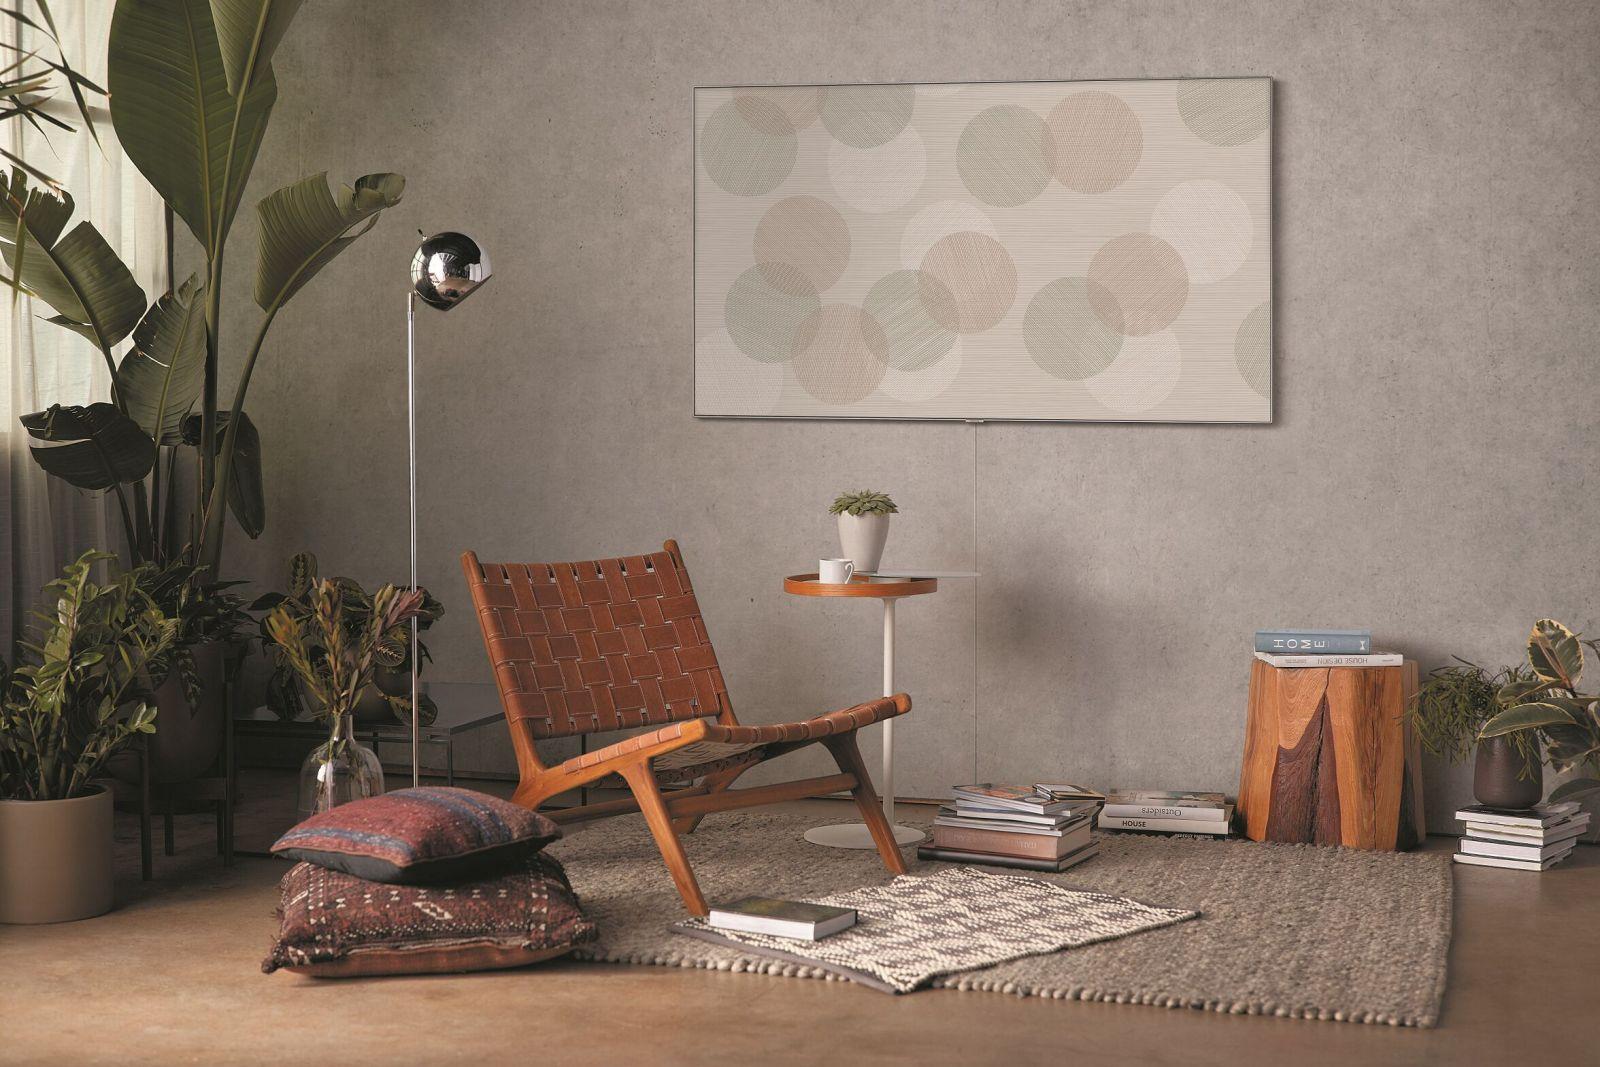 Televízory QLED od spoločnosti Samsung premenia obývačku na galériu súčasného umenia